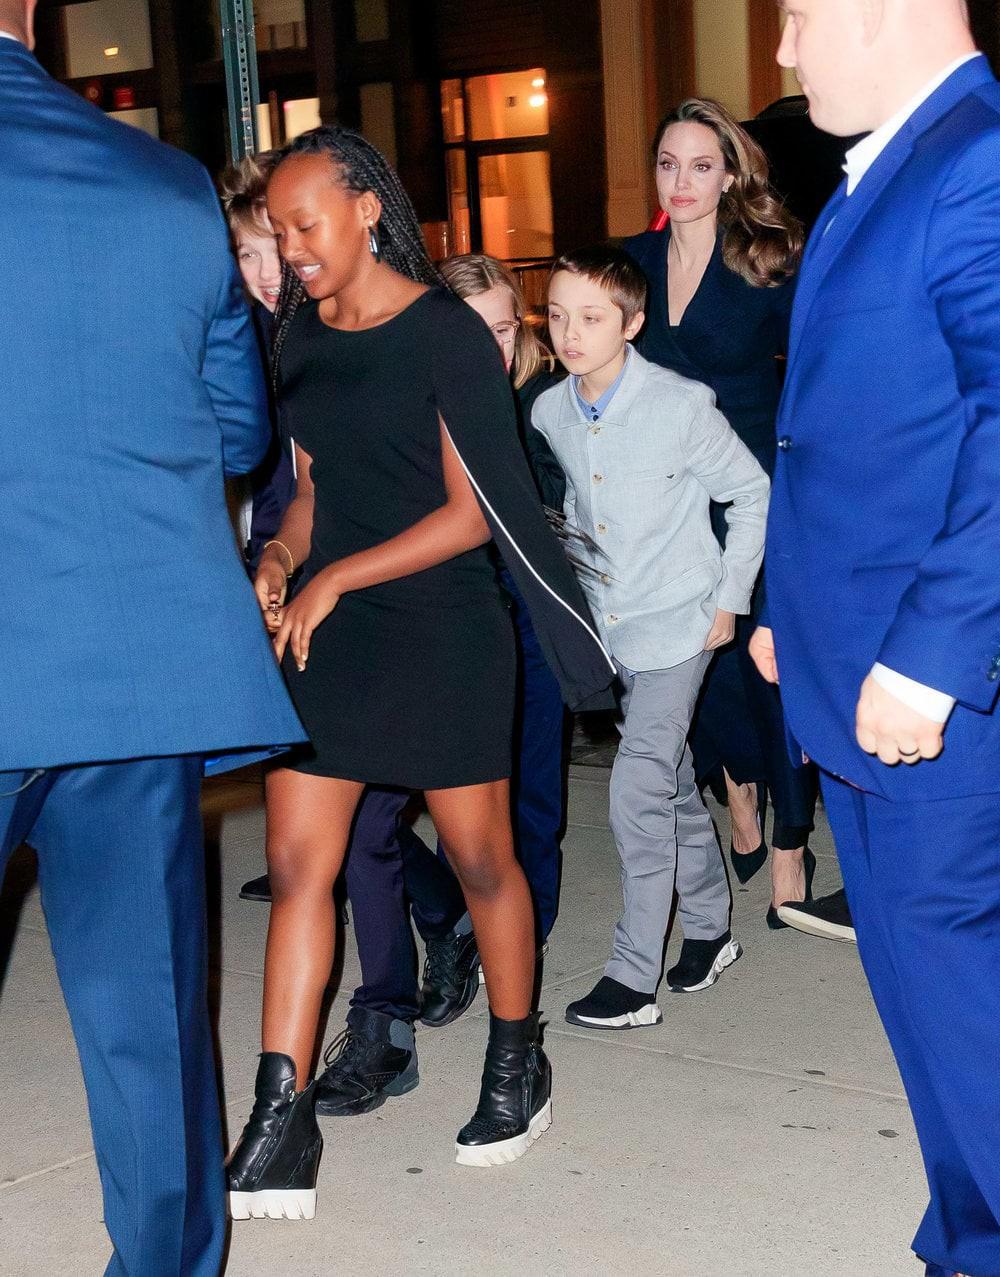 Khung cảnh hiếm hoi: Angelina Jolie đưa cả 6 đứa con đi dự sự kiện và dàn nhóc tỳ xưa kia giờ đã lớn lắm rồi! - Ảnh 10.